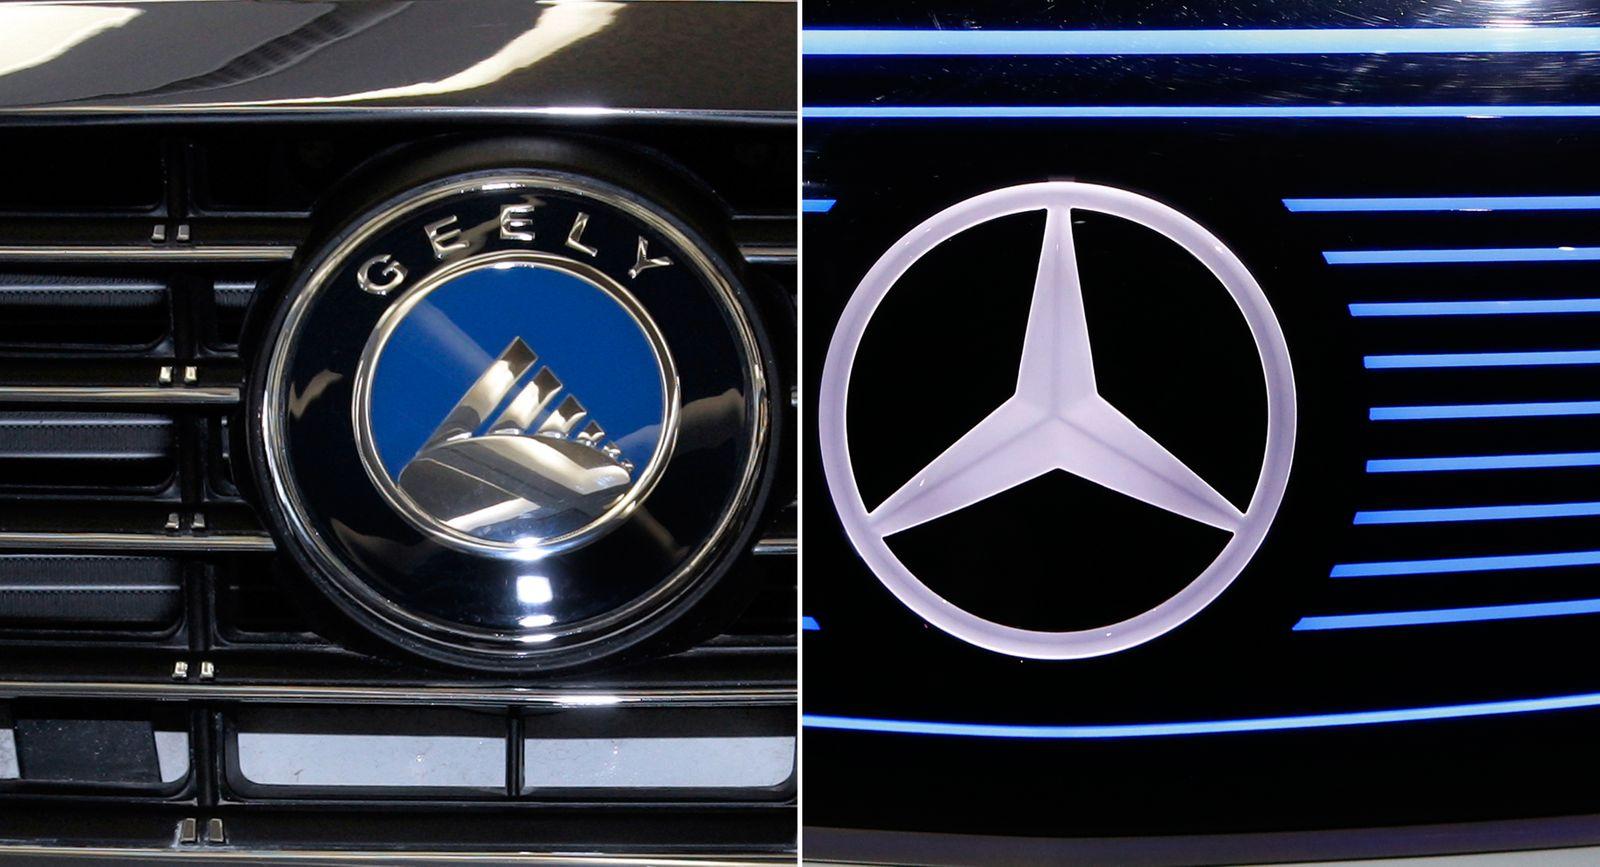 KOMBO Logos Geely / Mercedes-Benz